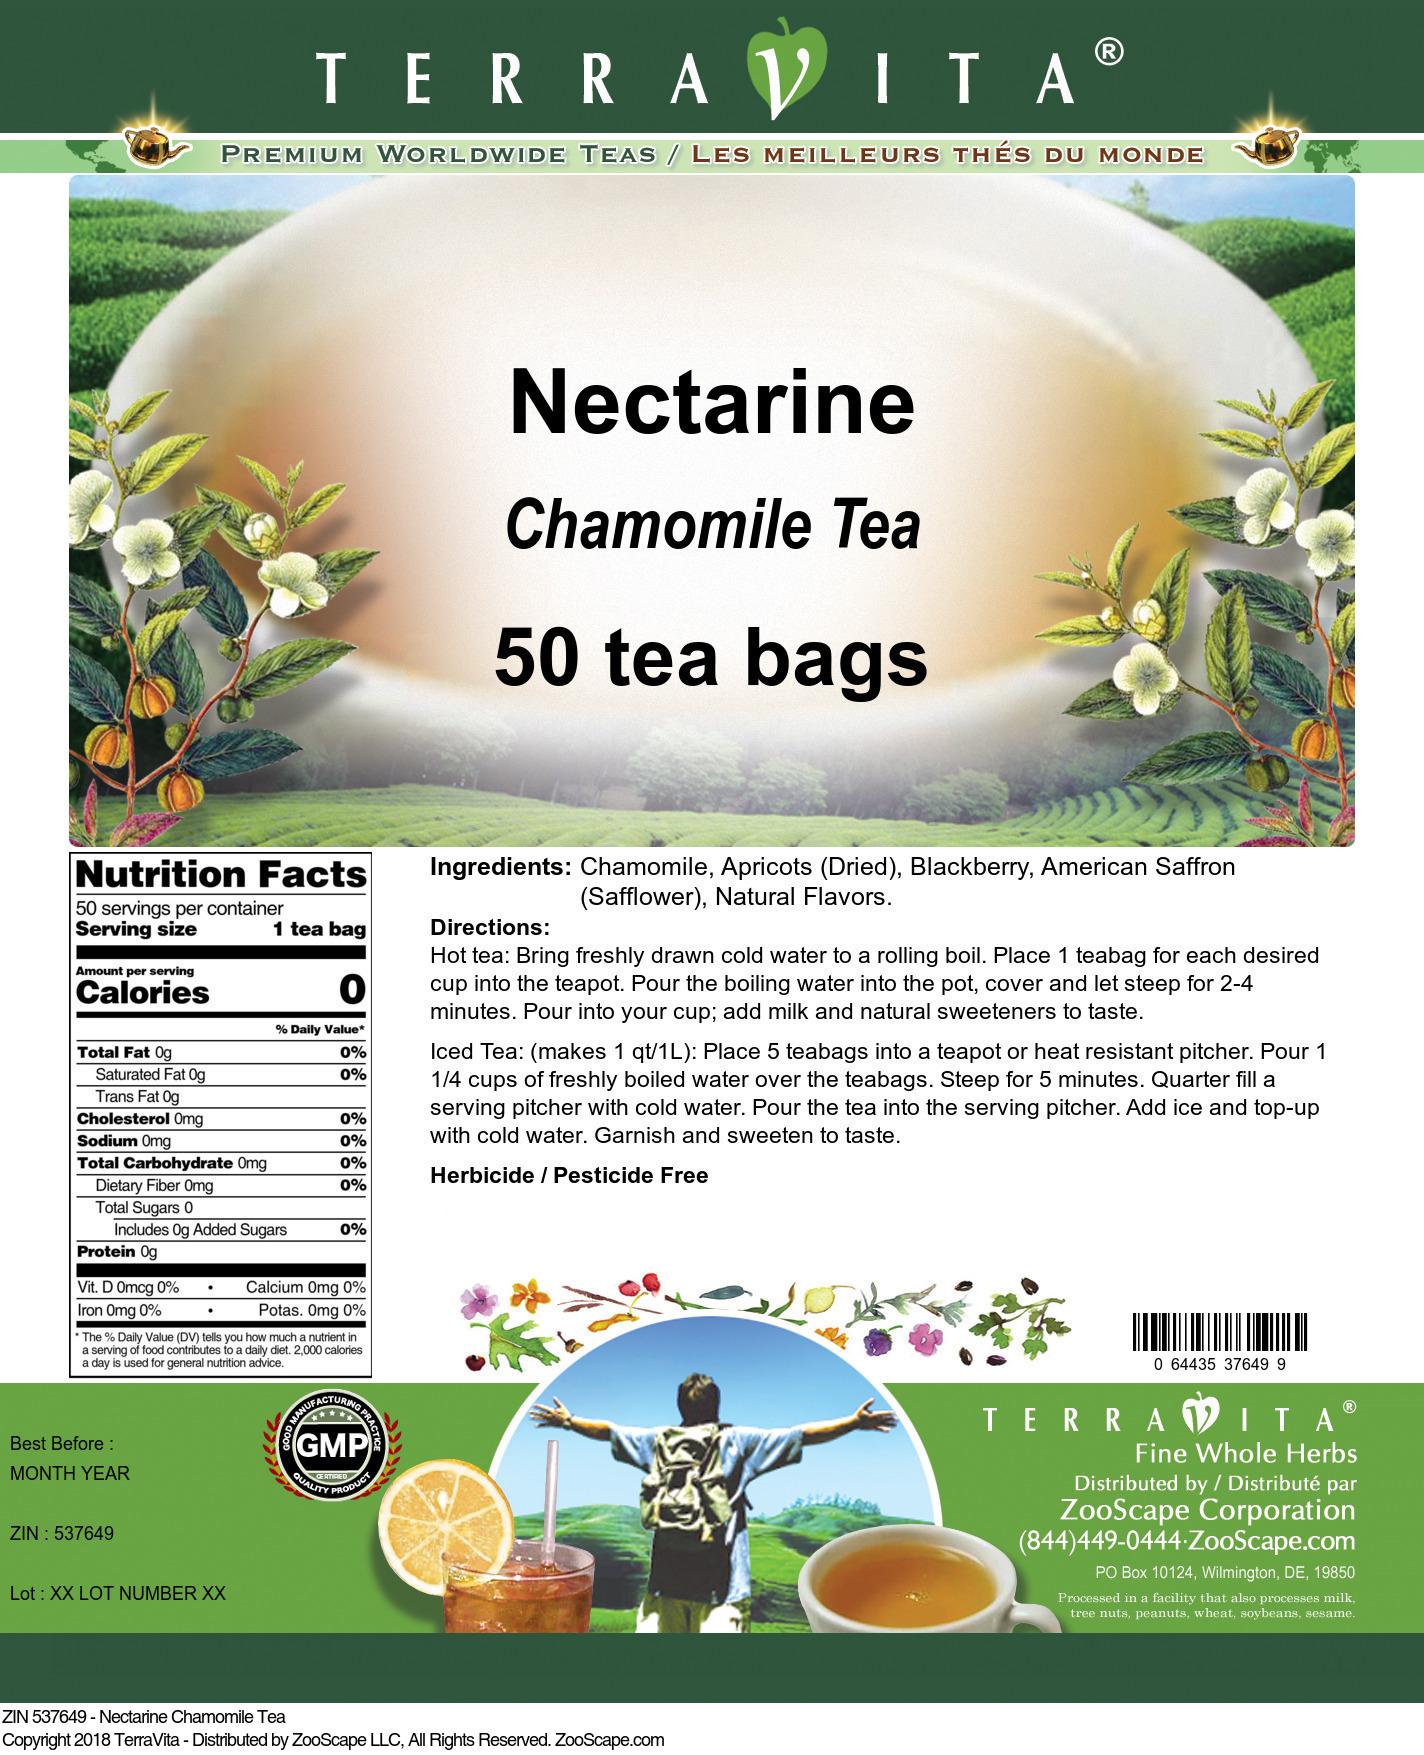 Nectarine Chamomile Tea